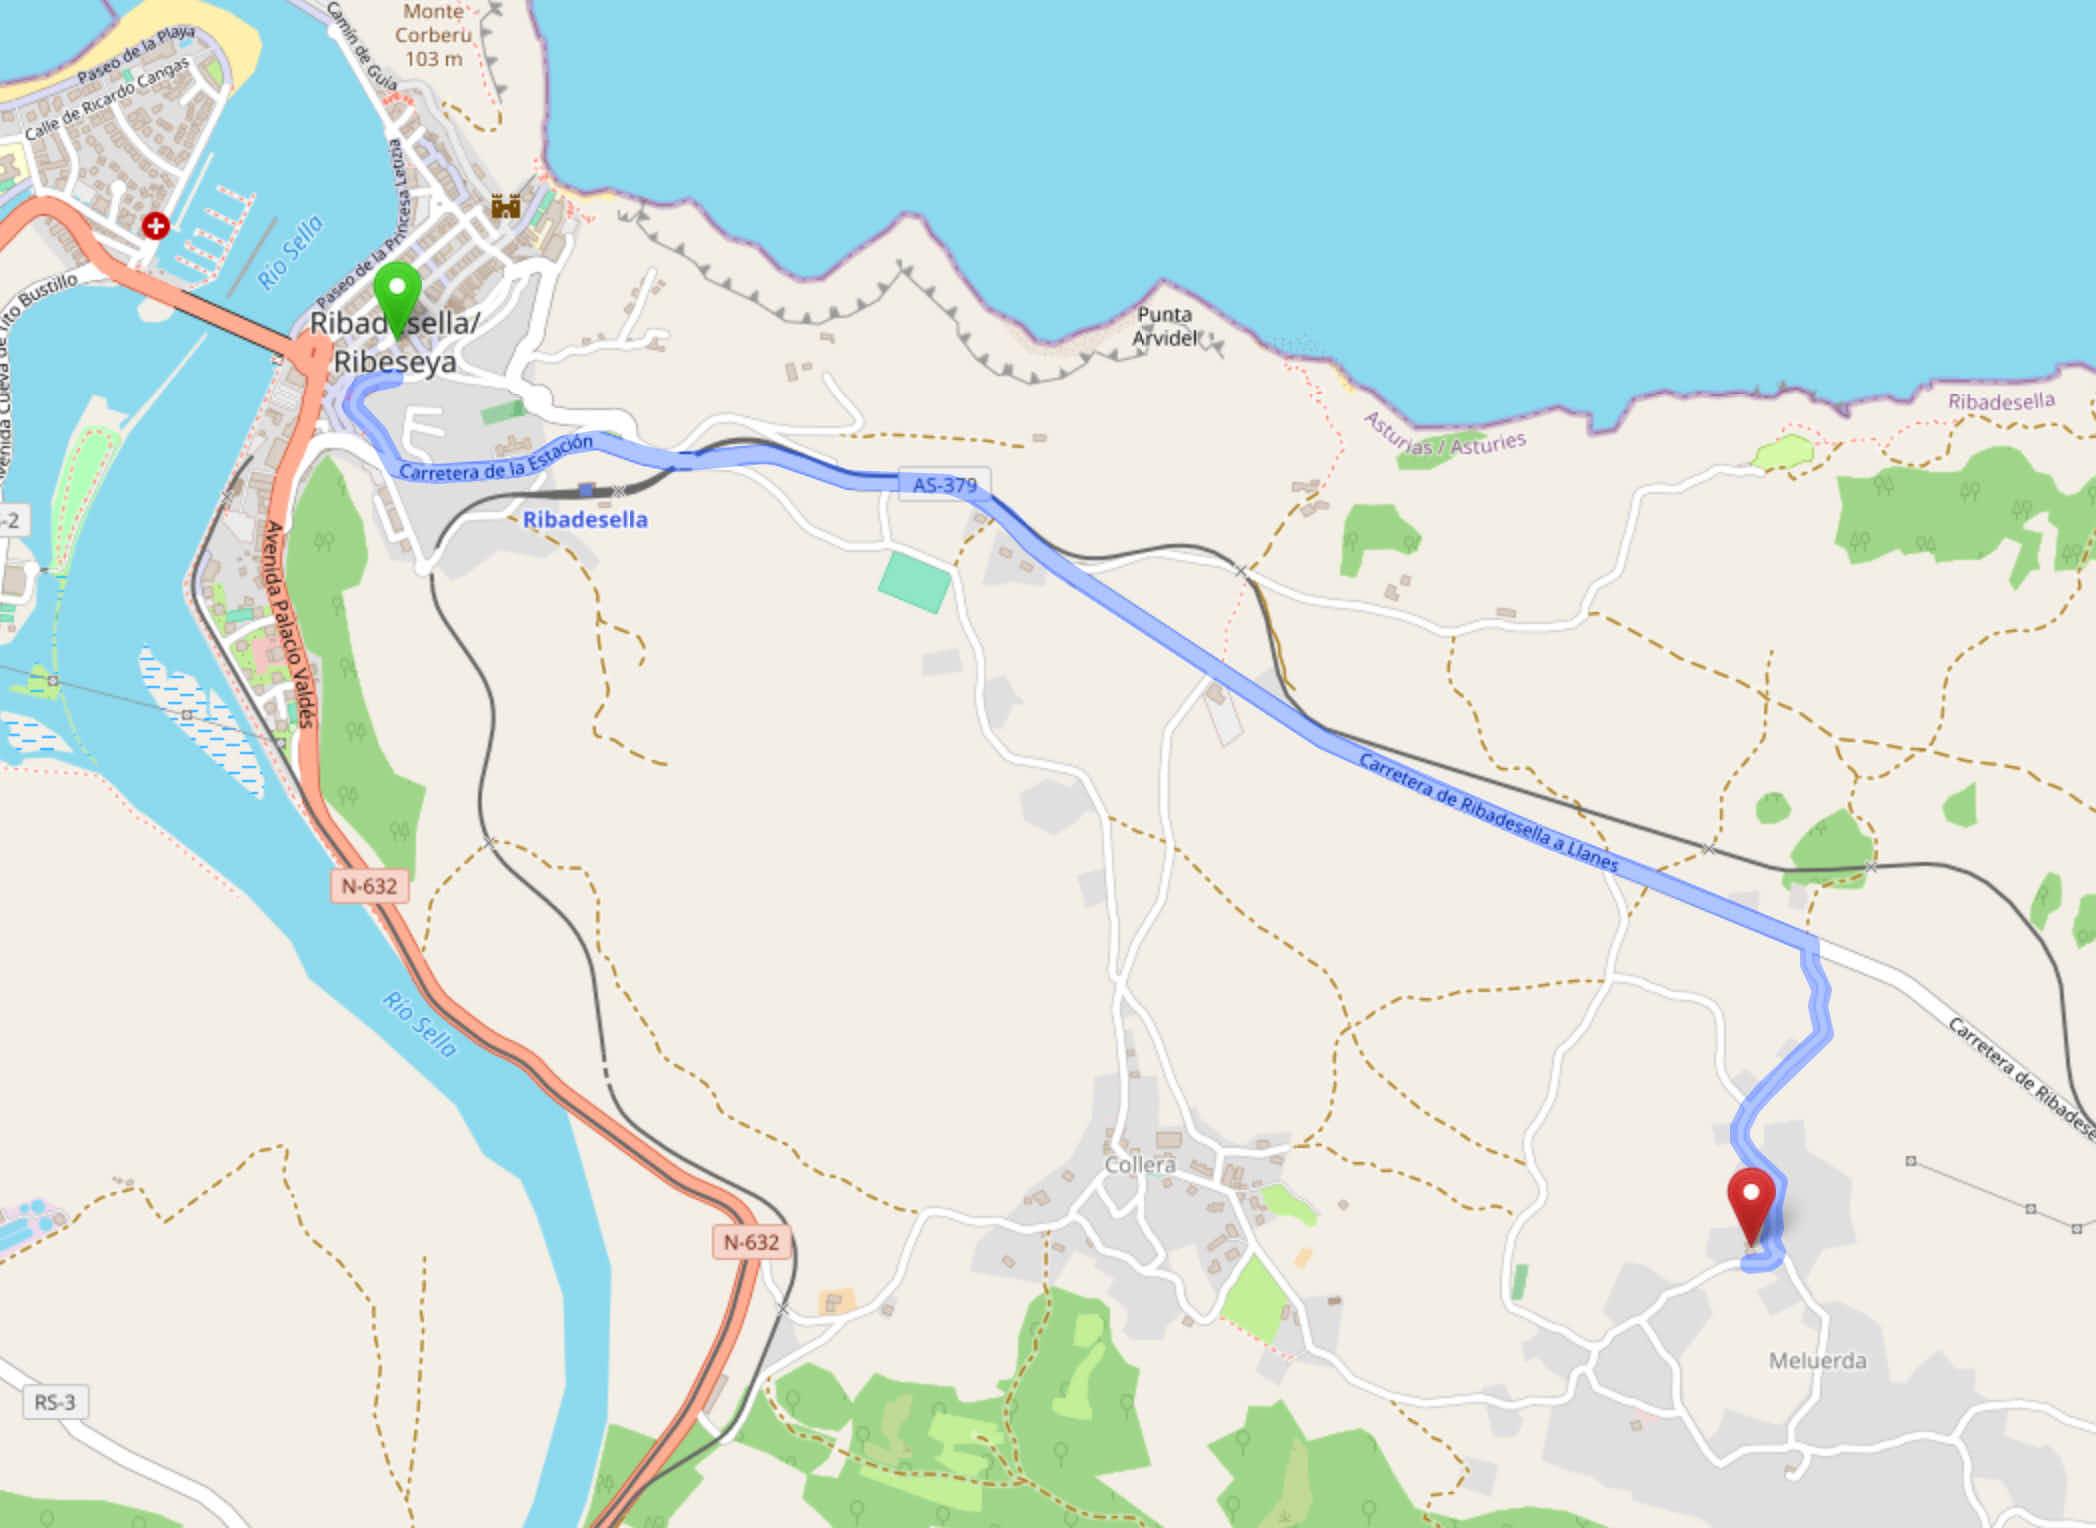 Mapa de cómo llegar al restaurante Sidrería El Texu, en Meluerda, desde Ribadesella, Asturias